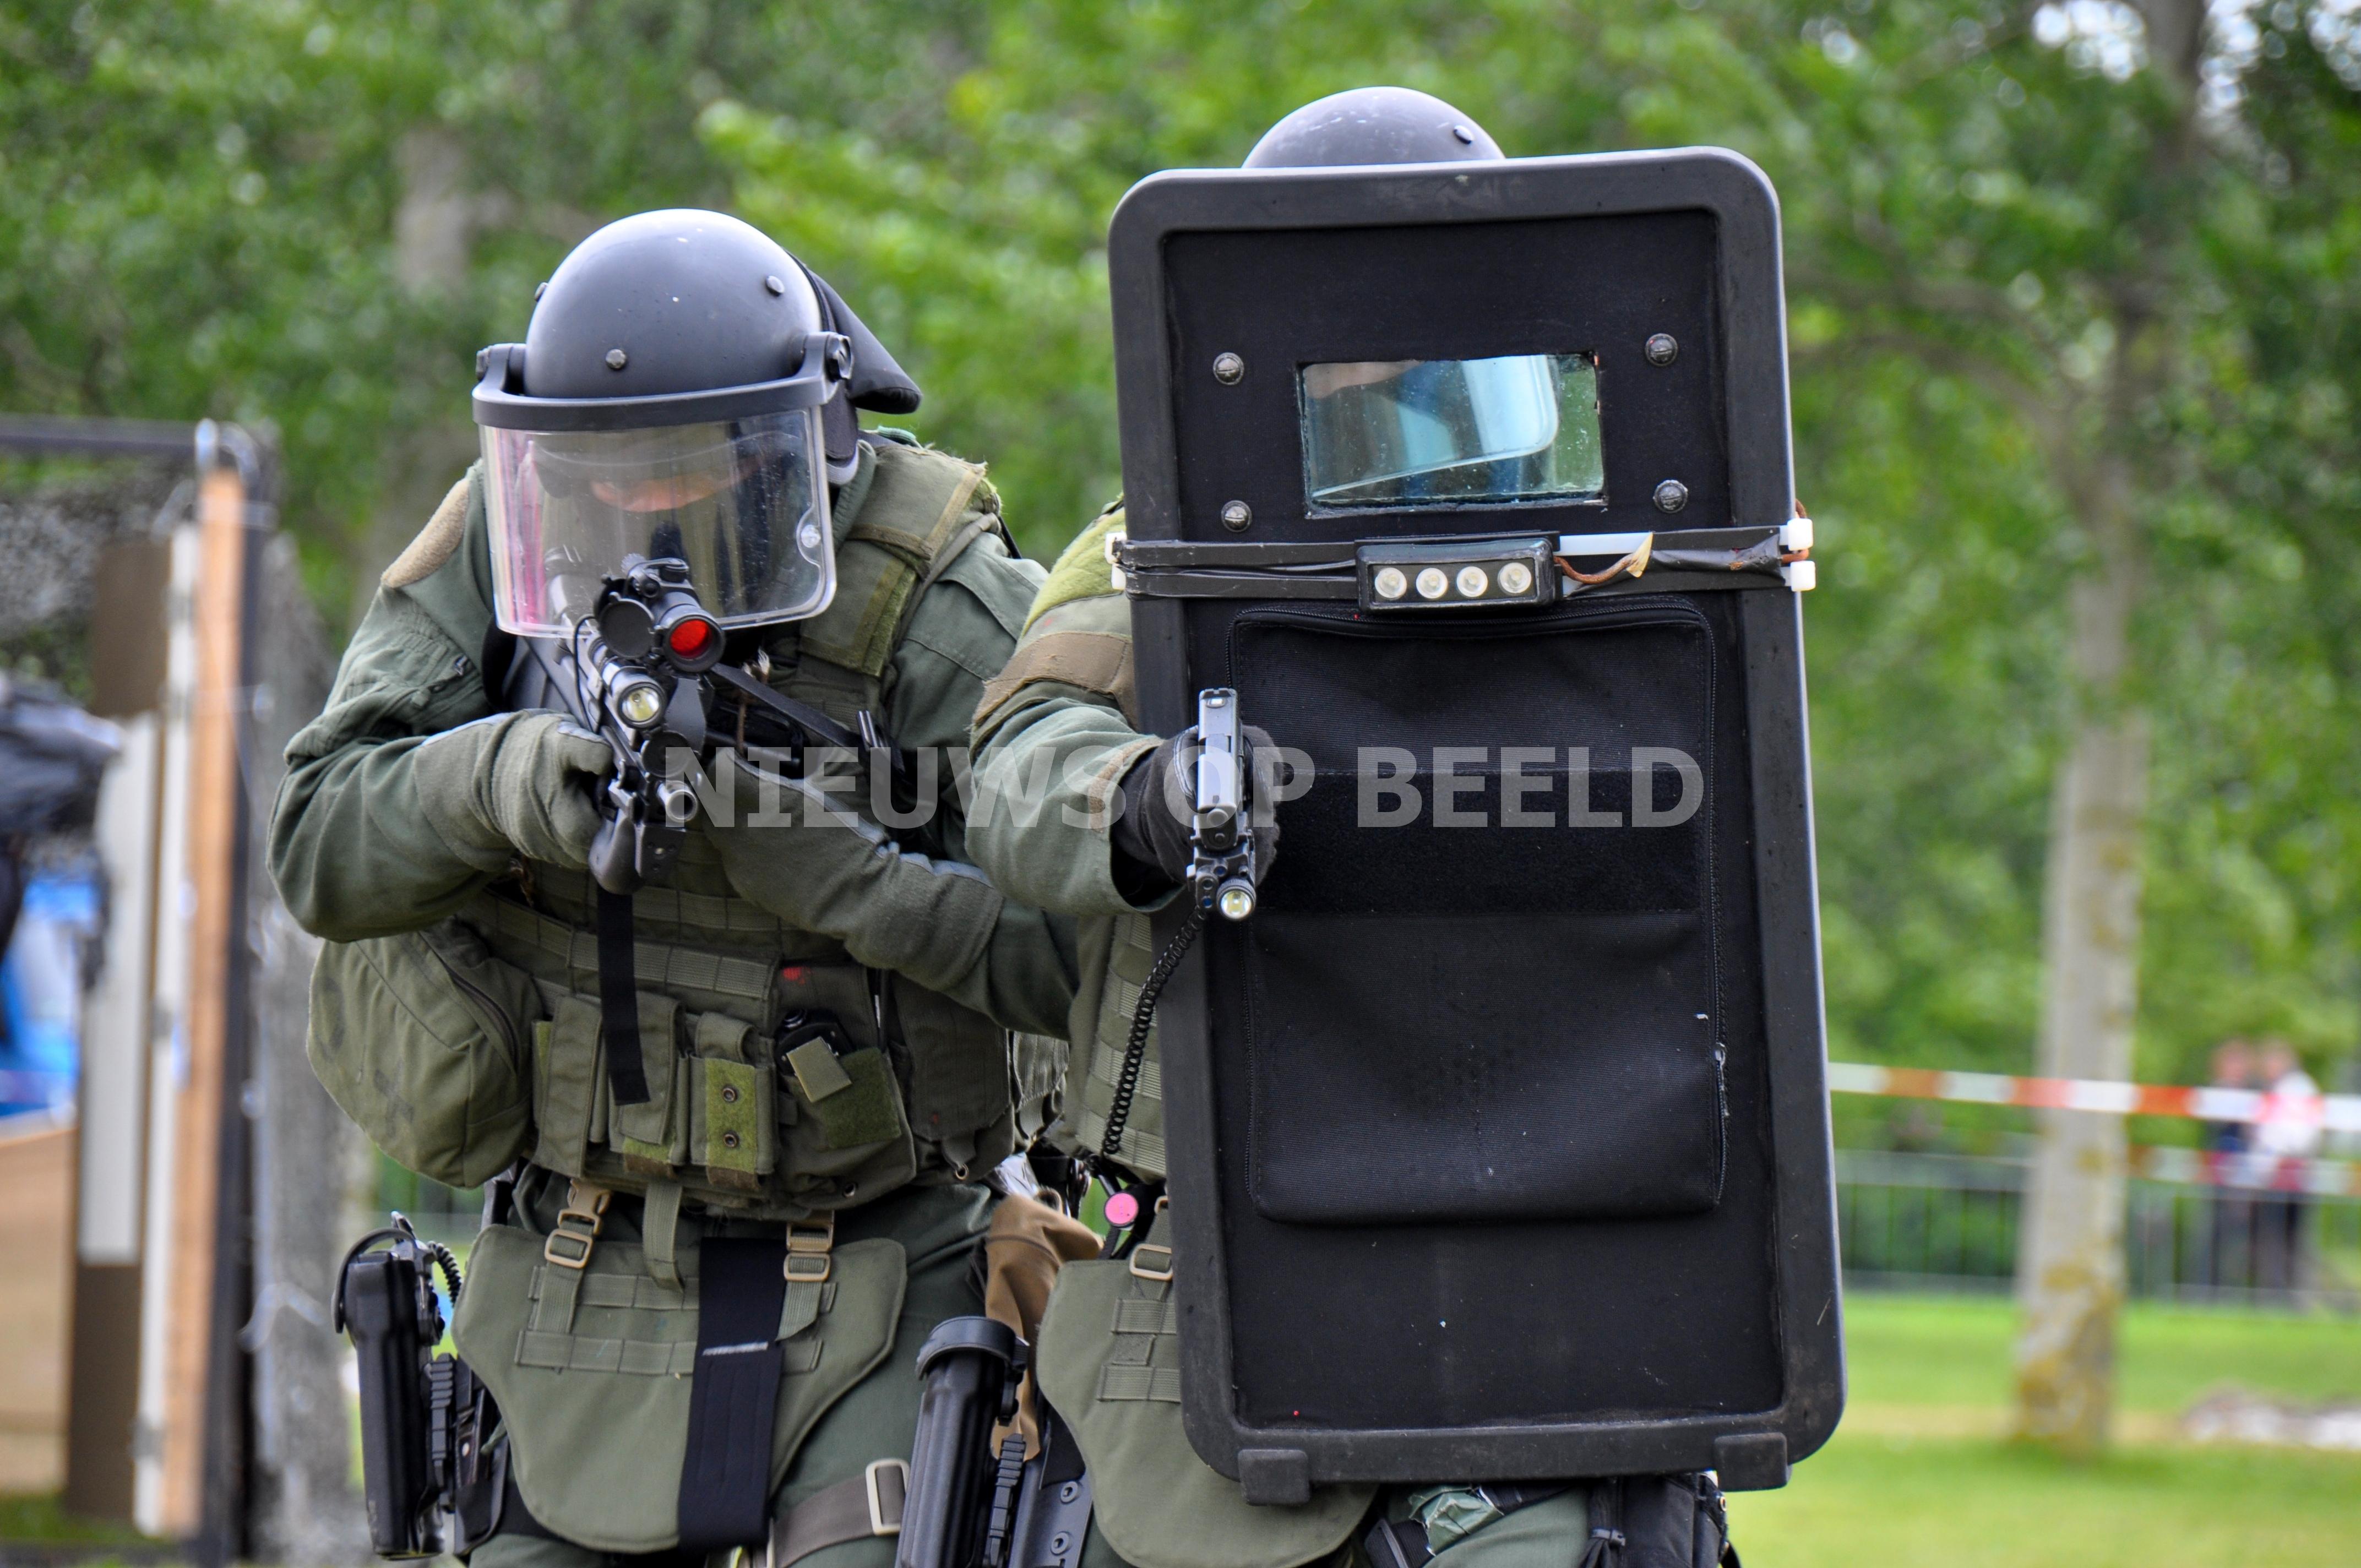 Speciaal opgeleide agenten gaan met machinegeweer surveilleren op straat